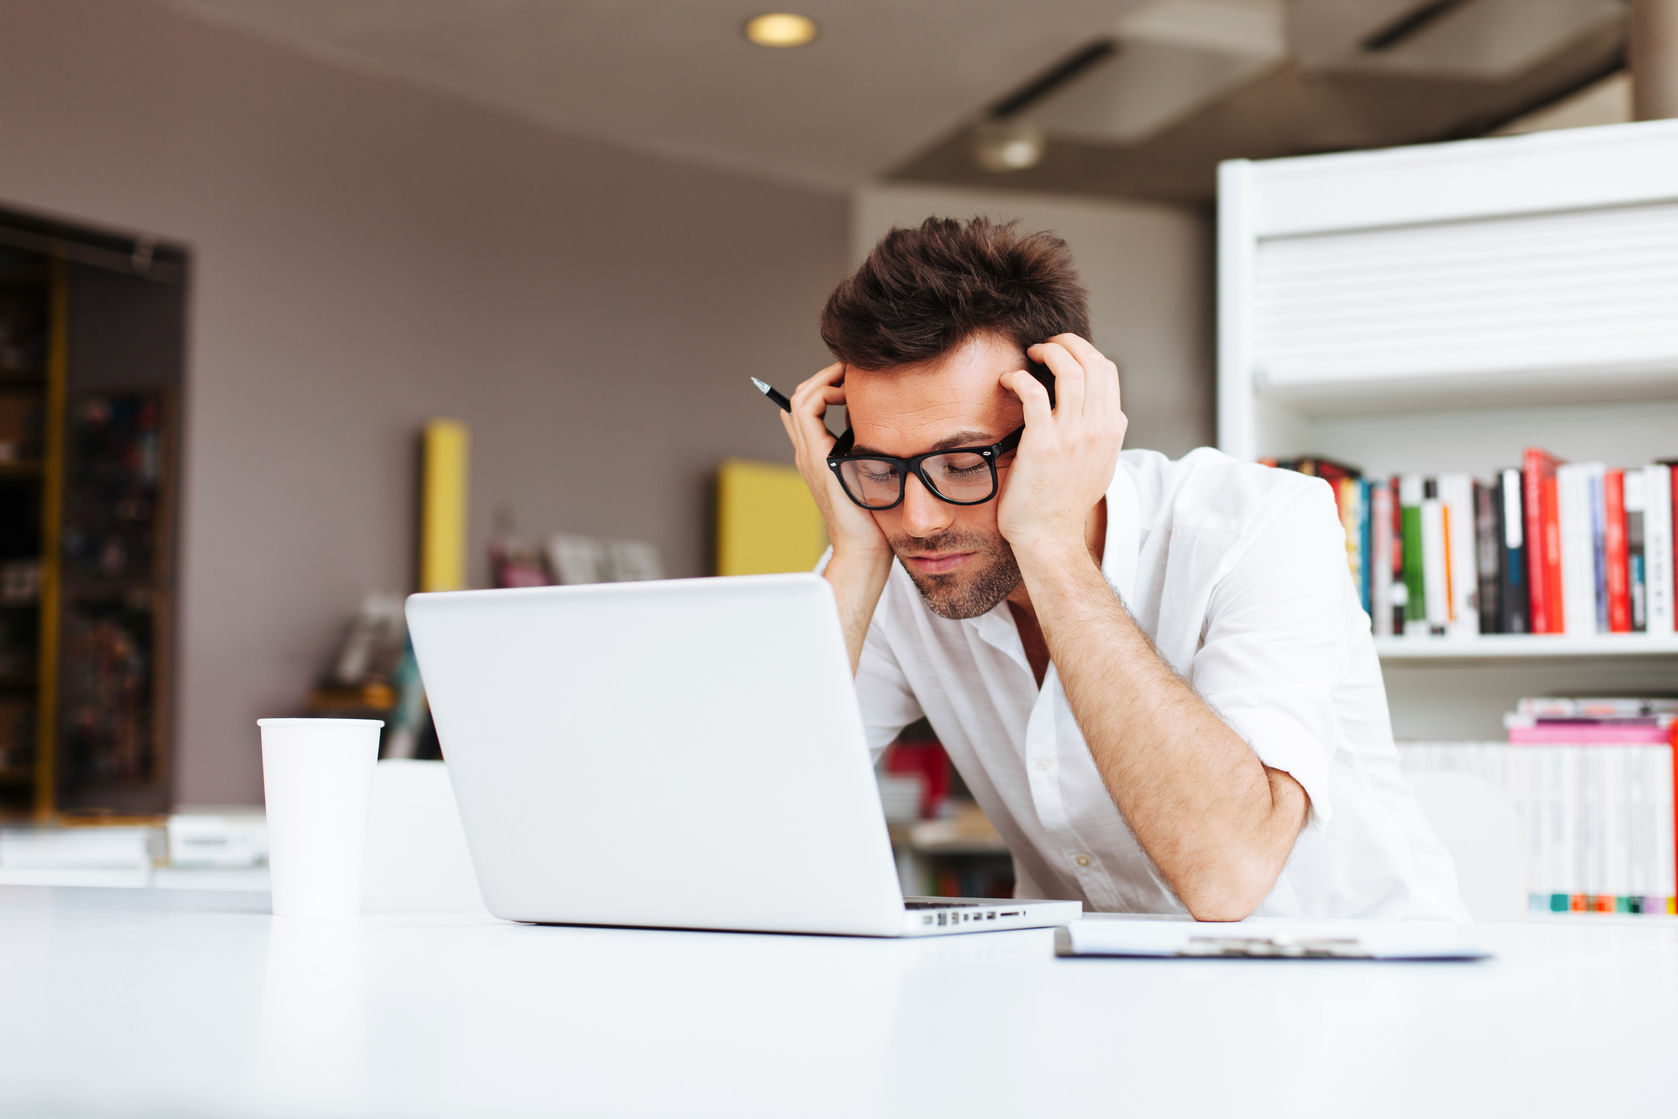 La relación entre el estrés laboral y la obesidad